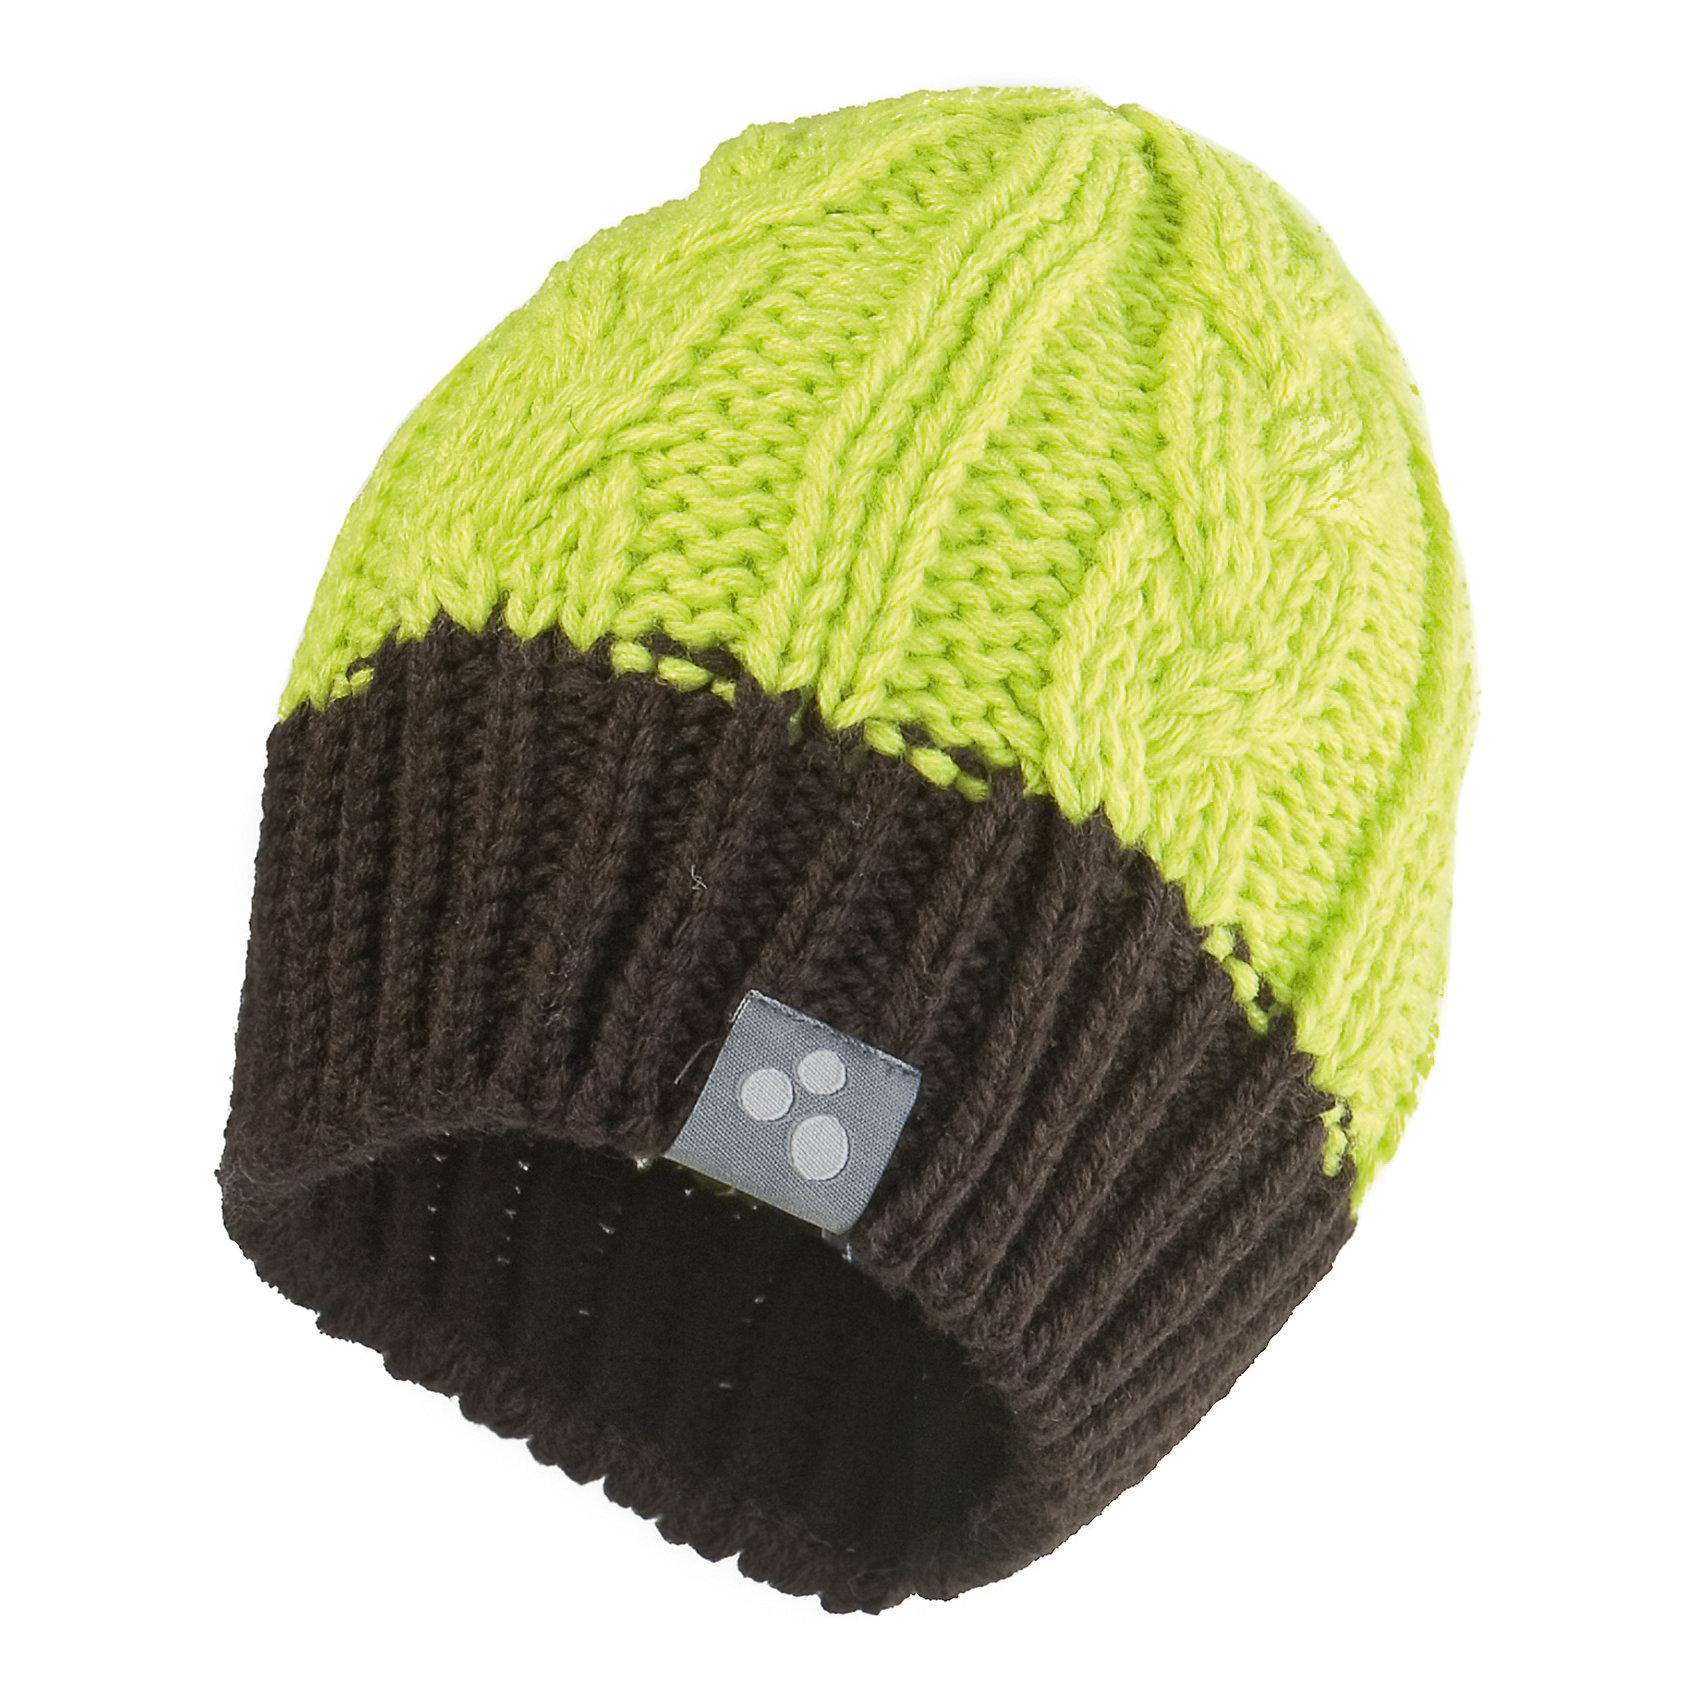 Шапка HuppaГоловные уборы<br>Зимняя вязаная шапка с косичками для мальчиков. Шапка связана из 50% мериносовой шерсти и 50% акриловой пряжи. Резинка контрастных оттенков защищает уши от холодного ветра. Приятная шапка предназначена для ношения в более мягкую зимнюю погоду их хорошо сочетается с любой верхней одеждой.<br><br>Шапку Huppa (Хуппа) можно купить в нашем магазине.<br><br>Ширина мм: 89<br>Глубина мм: 117<br>Высота мм: 44<br>Вес г: 155<br>Цвет: зеленый<br>Возраст от месяцев: 36<br>Возраст до месяцев: 60<br>Пол: Унисекс<br>Возраст: Детский<br>Размер: 51-53,57,55-57<br>SKU: 4242755